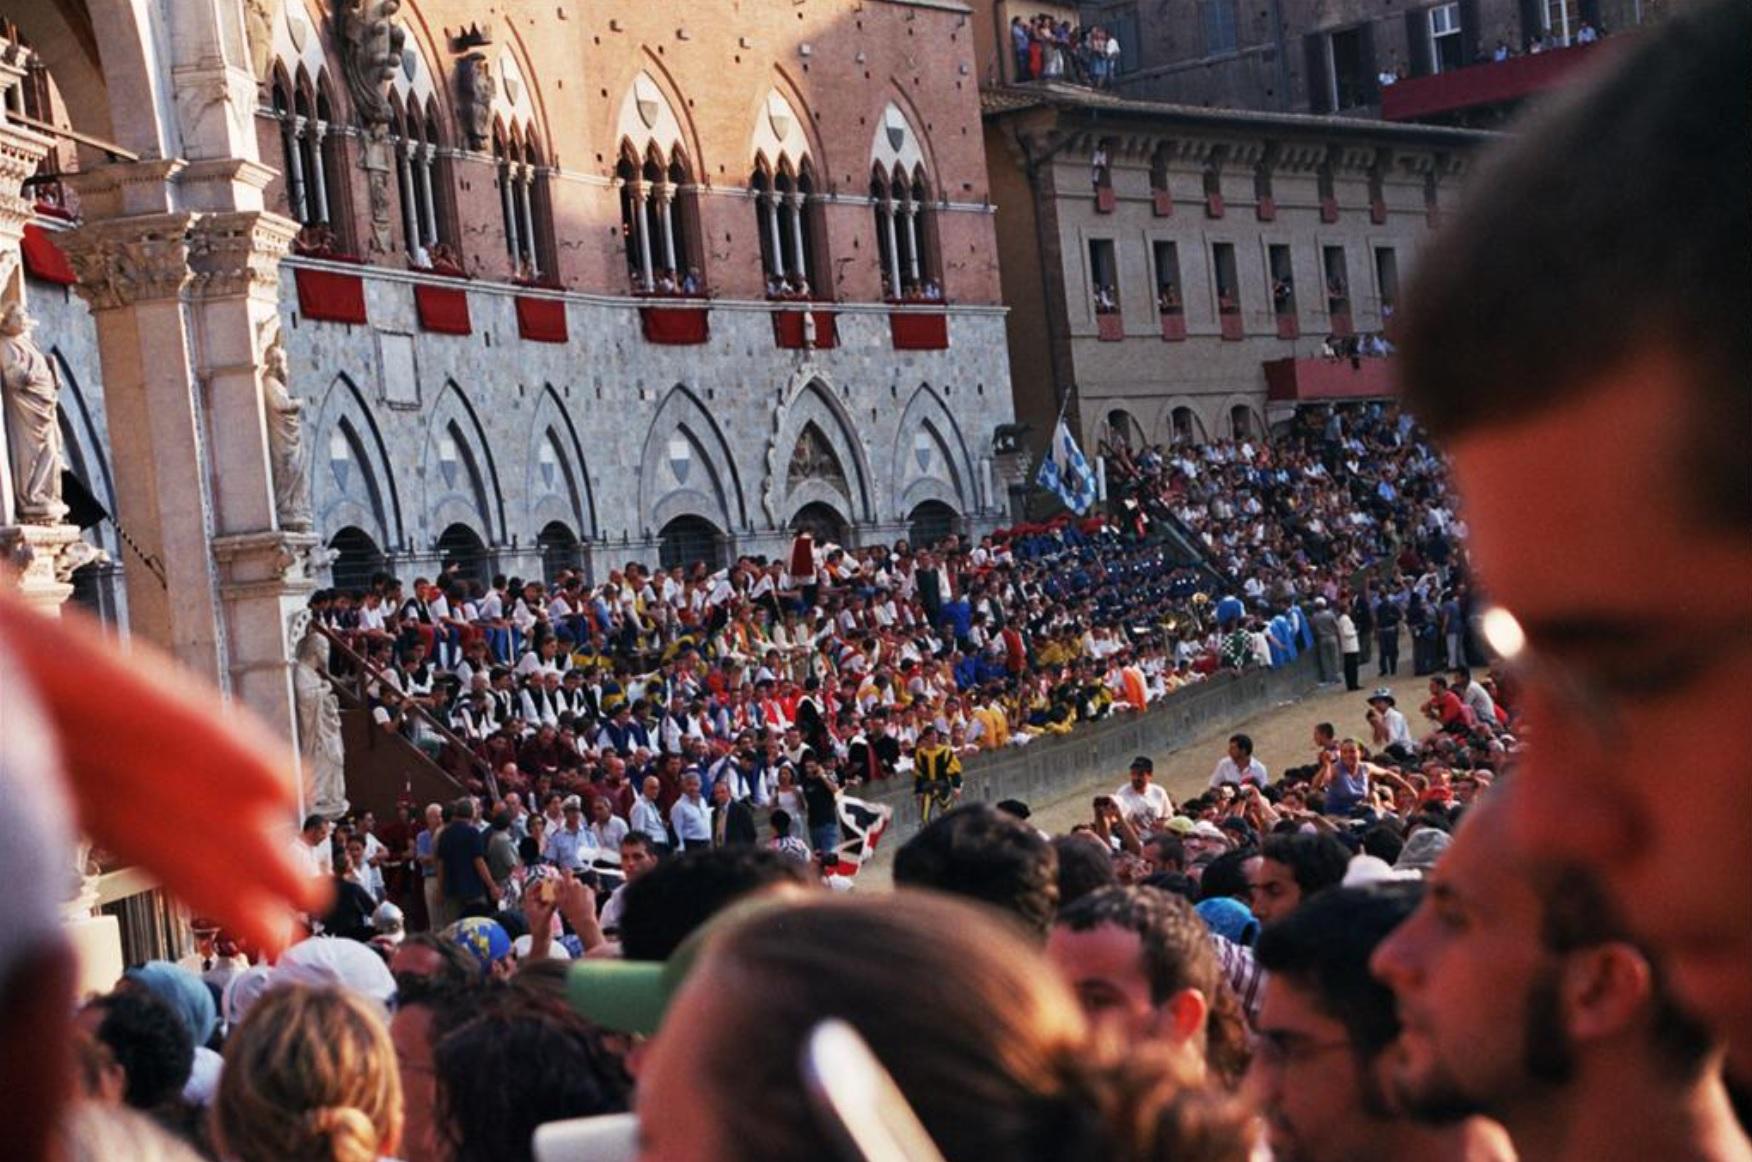 Il Palio di Siena, La carrera de caballos más extraordinaria - palio di siena - Il Palio di Siena, La carrera de caballos más extraordinaria